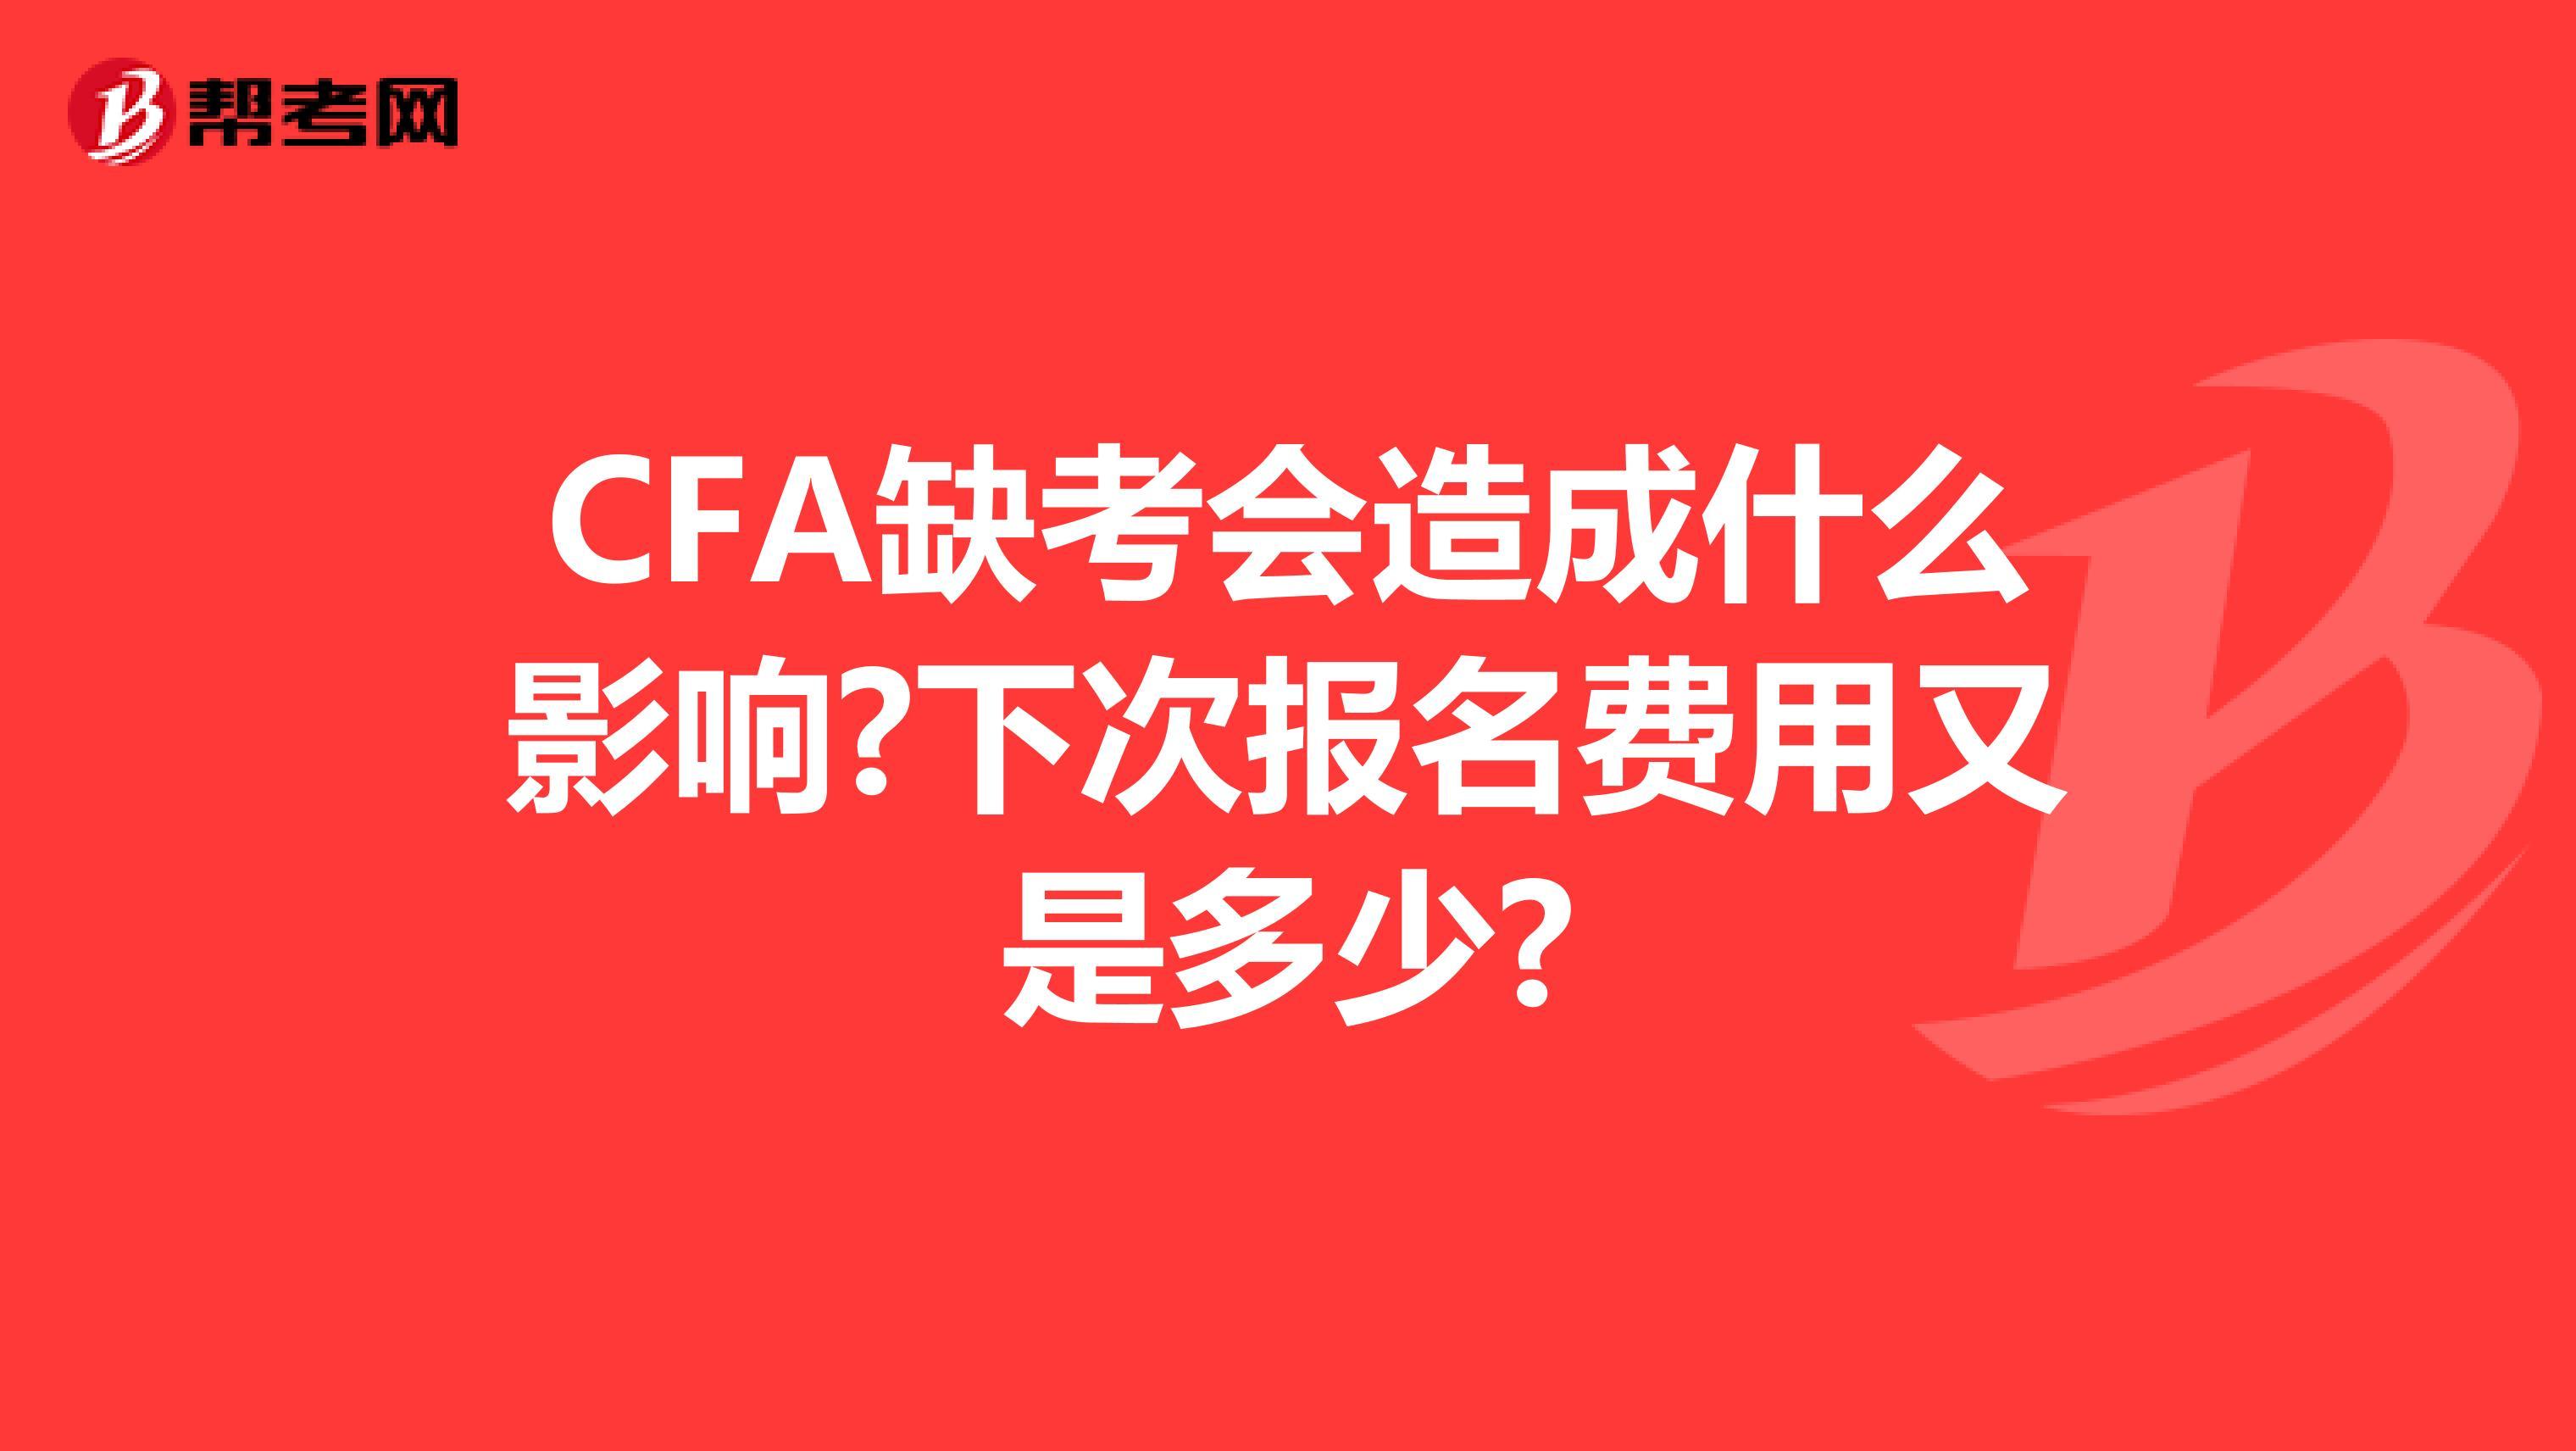 CFA缺考會造成什么影響?下次報名費用又是多少?